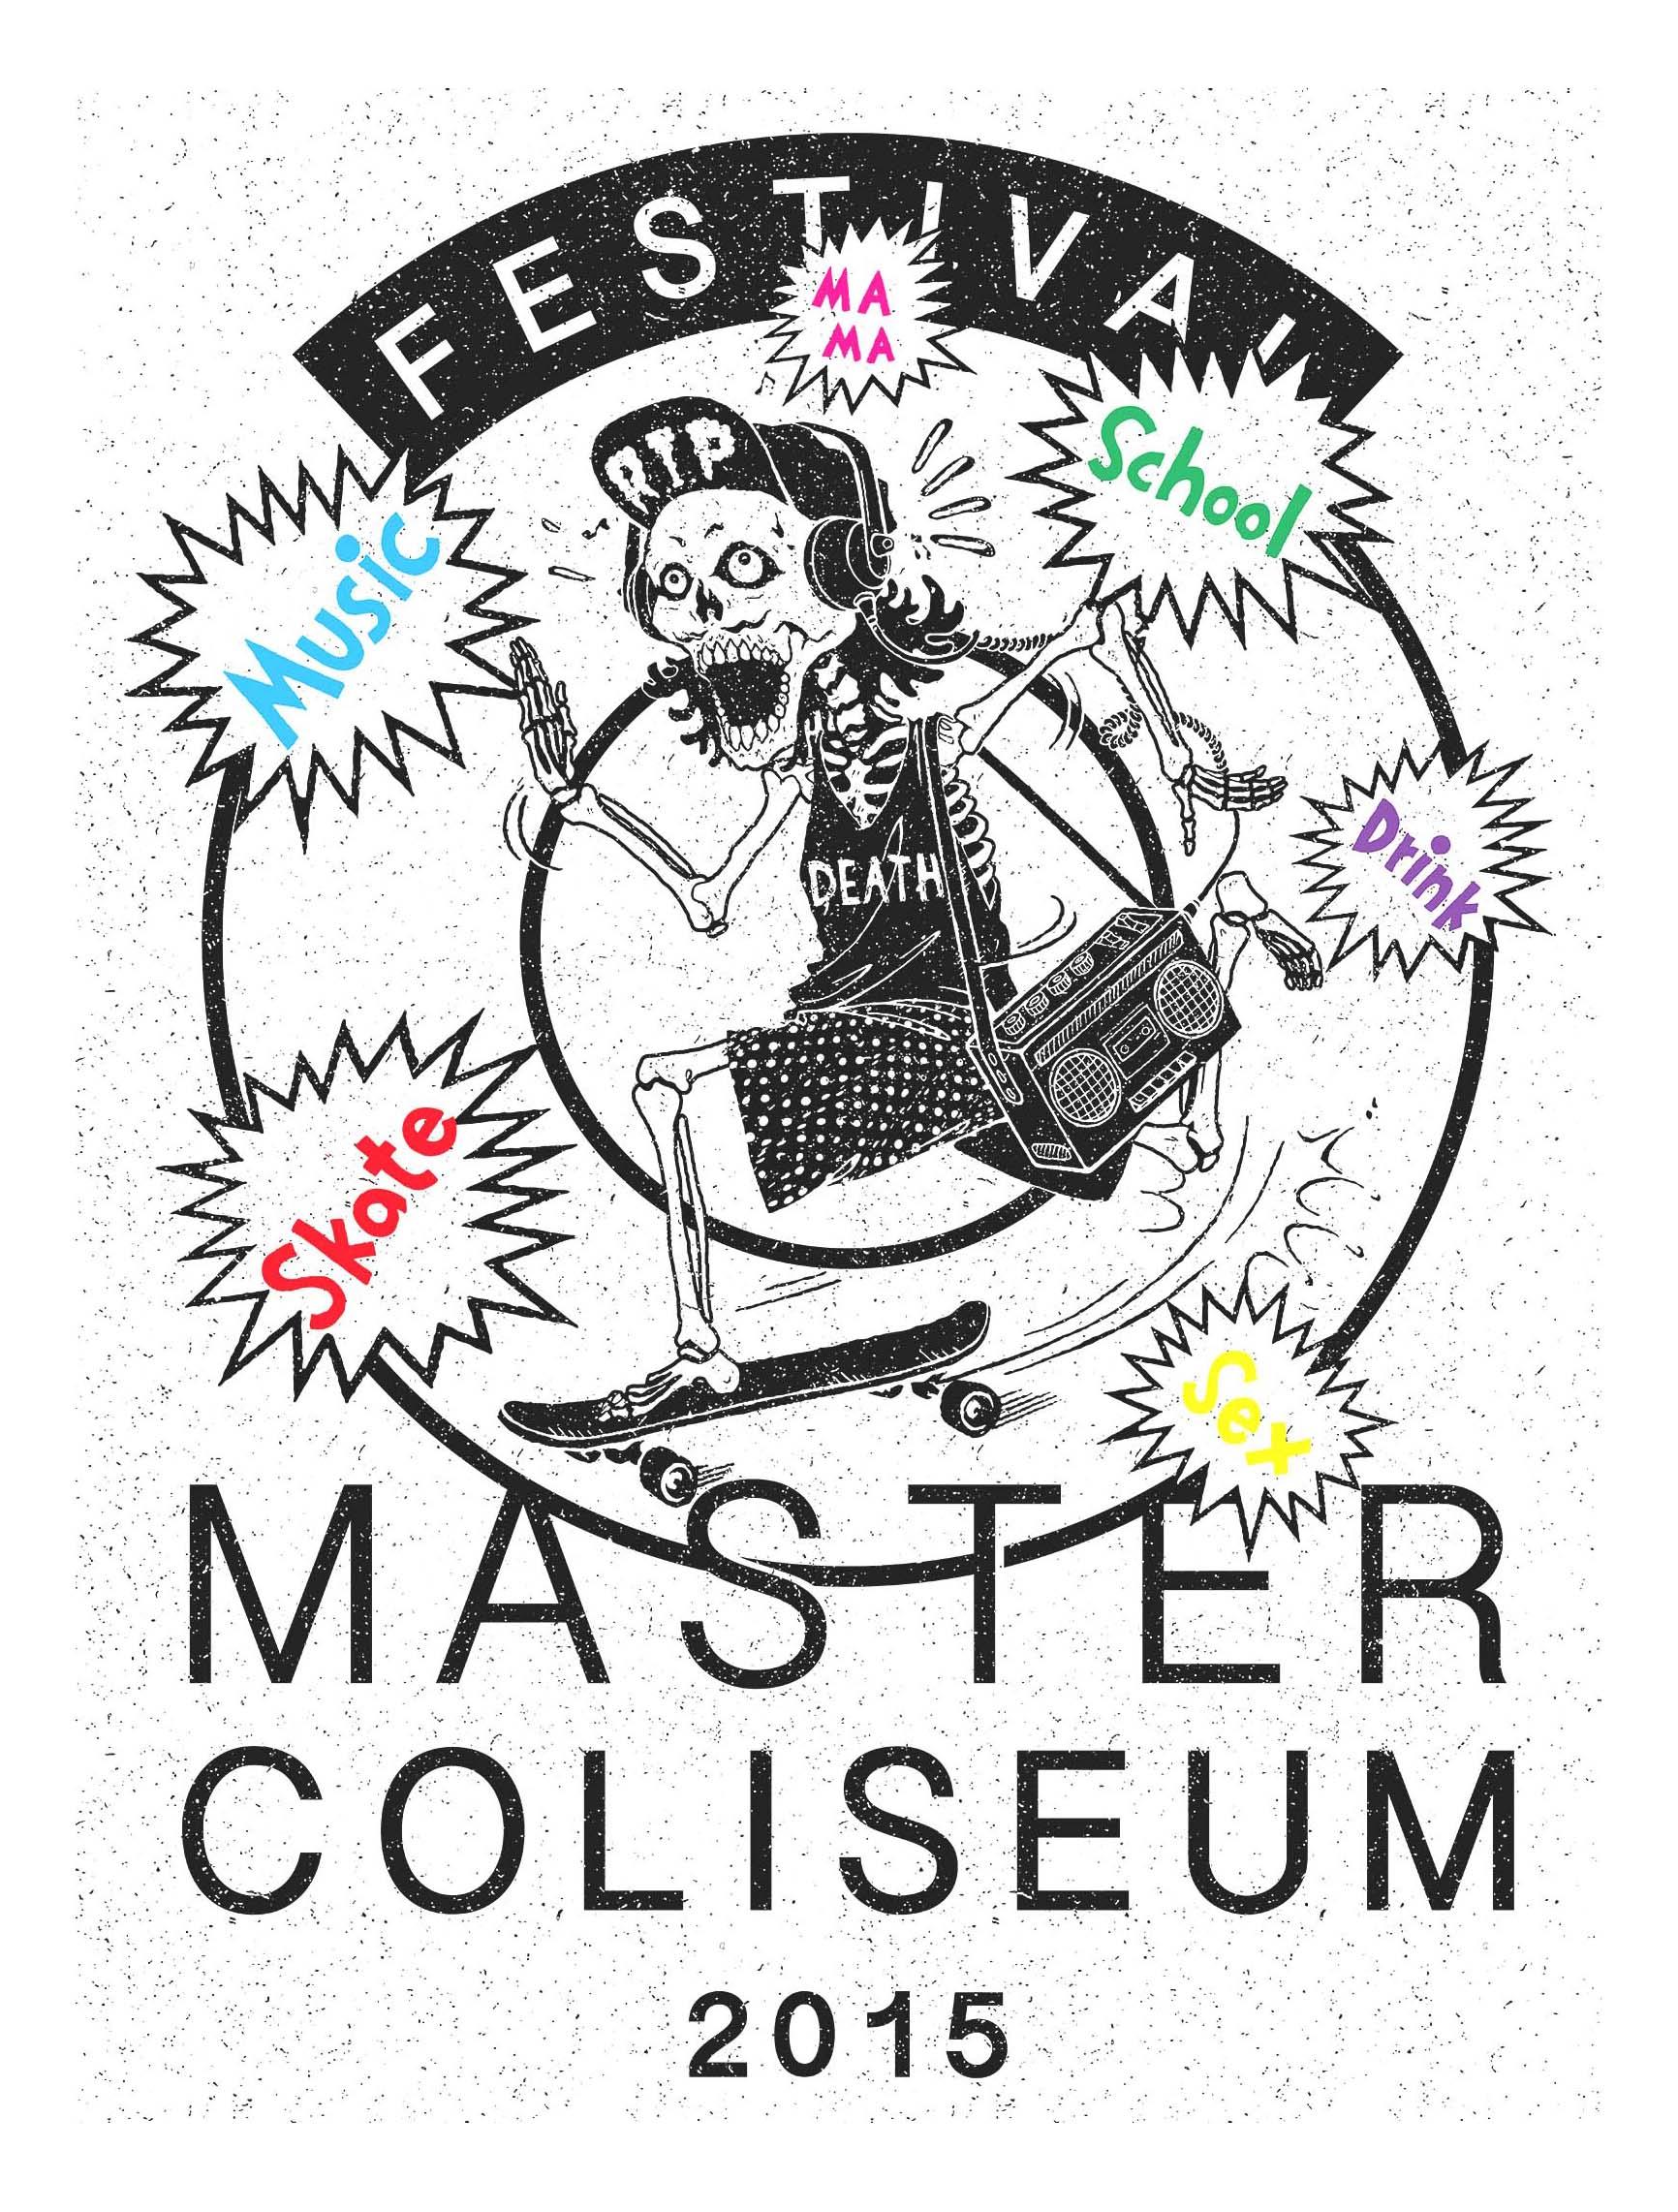 MASTER COLISEUM 2015